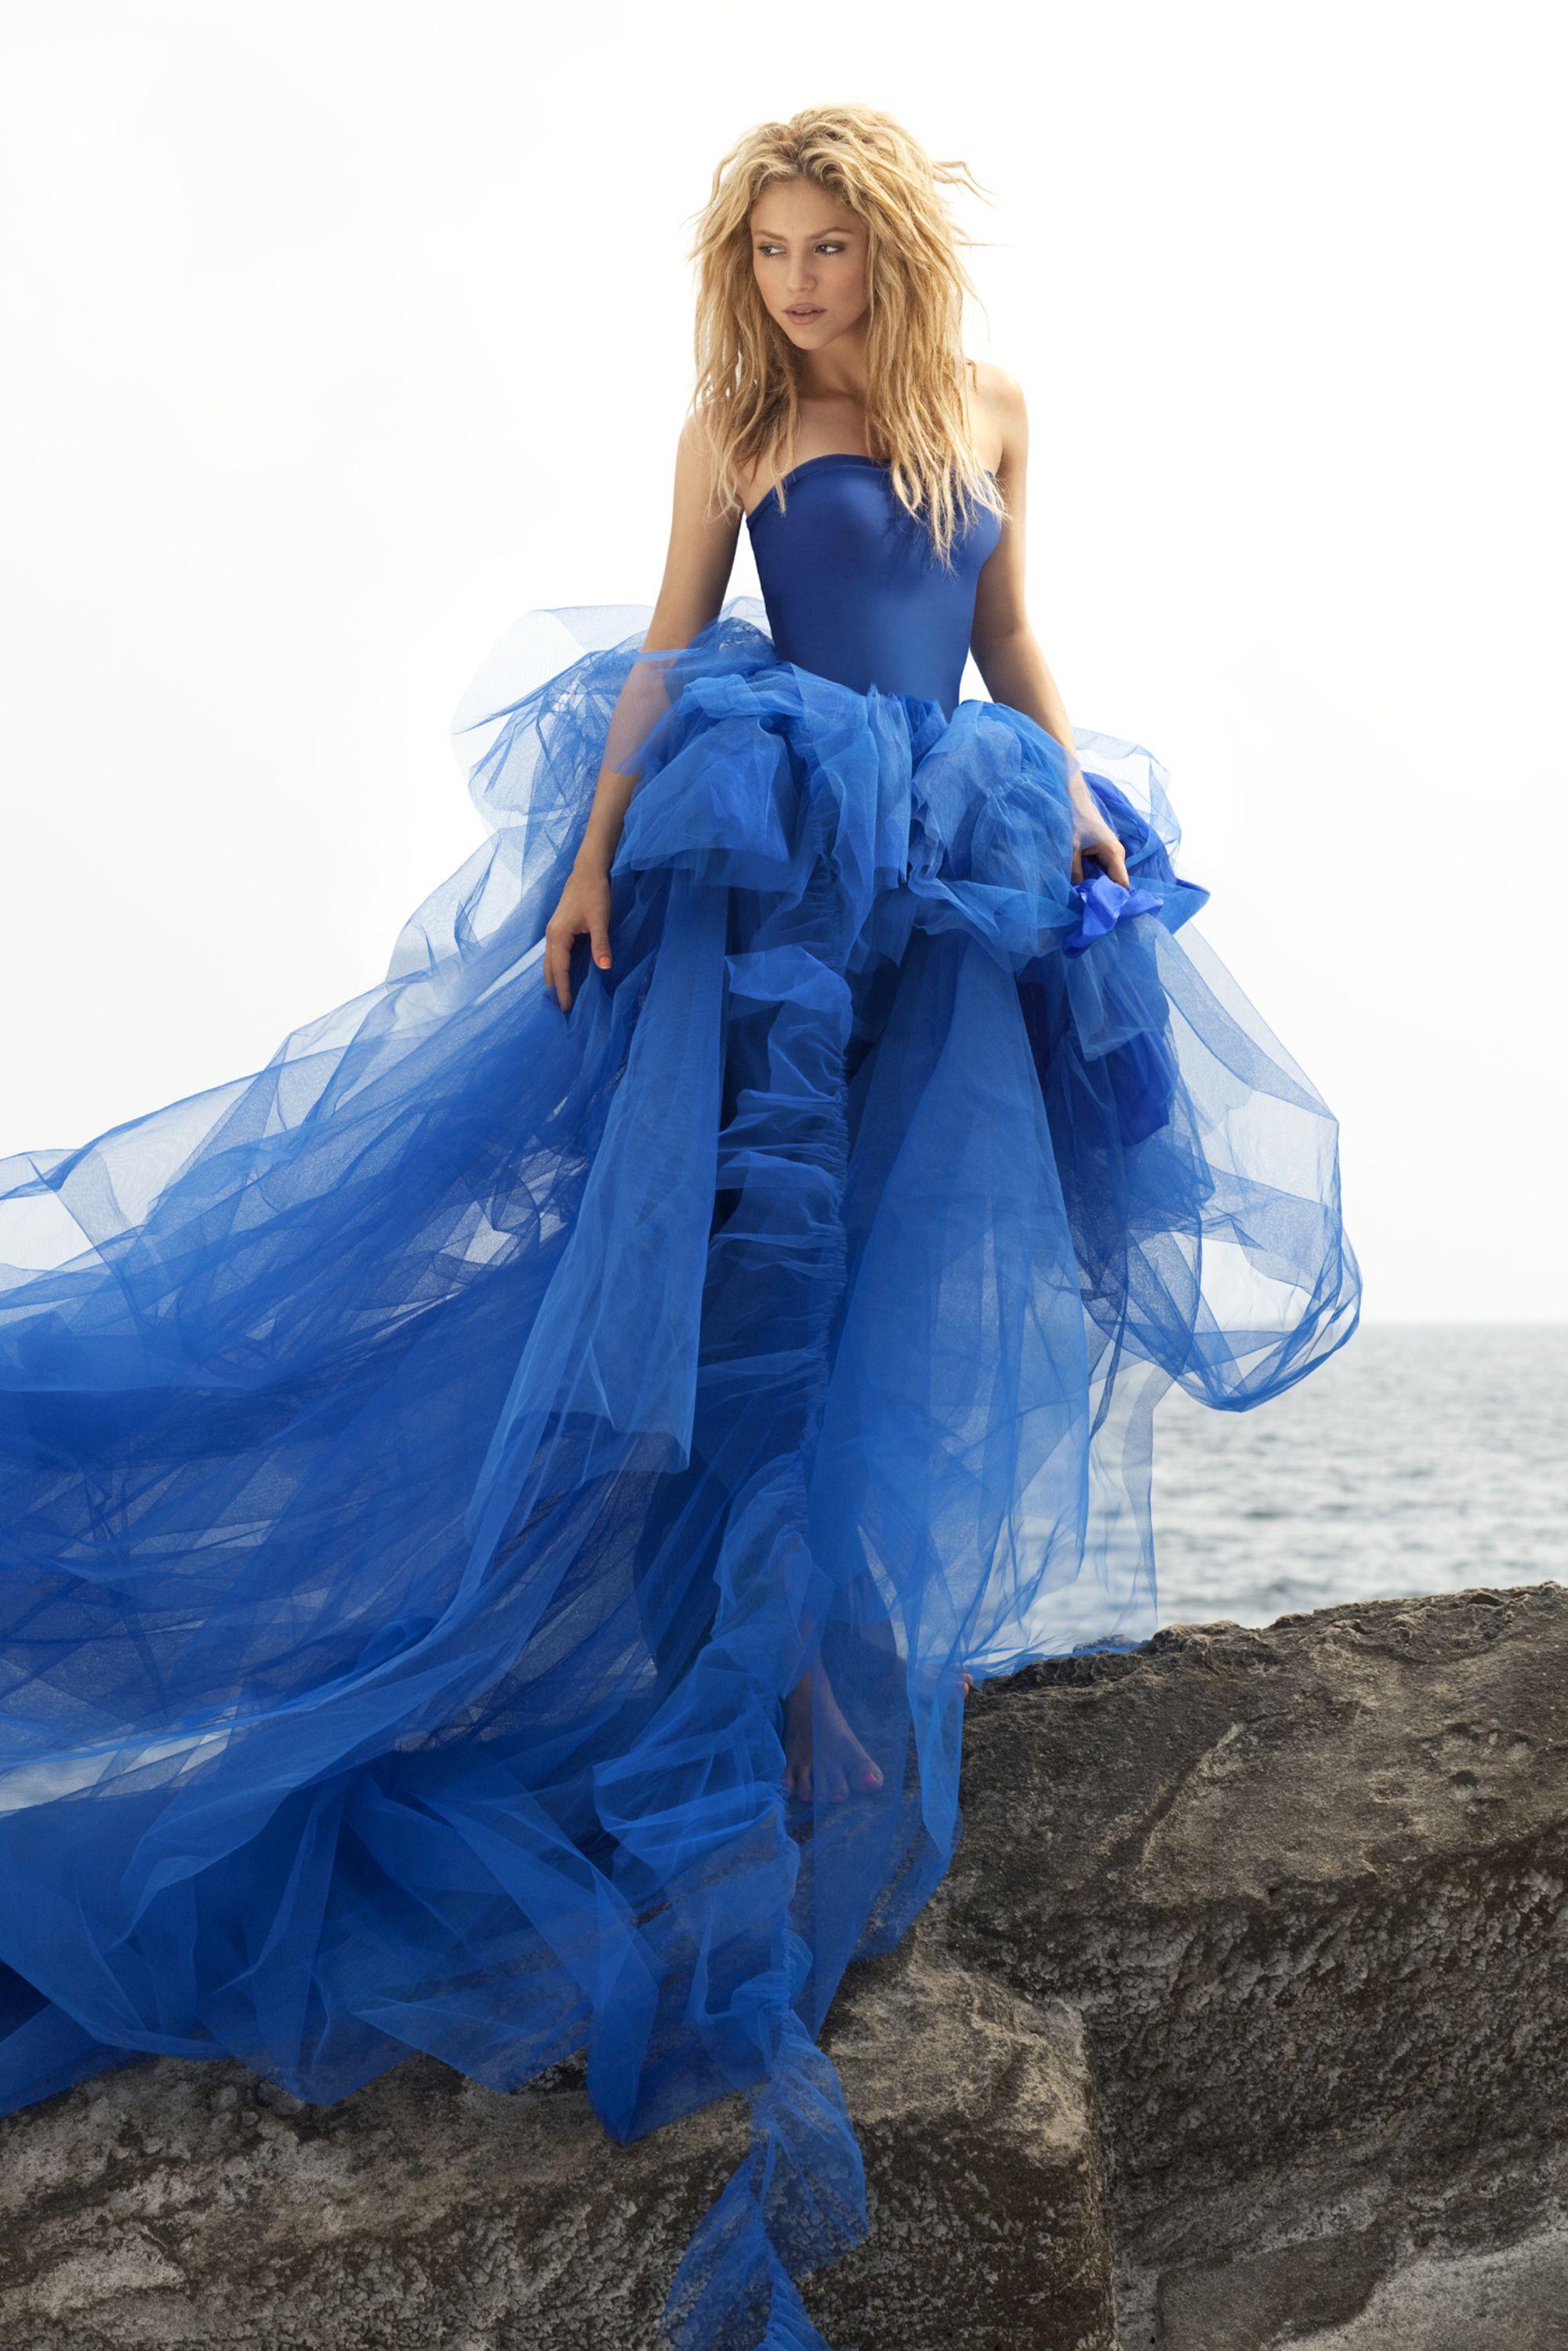 Awesome blue wedding dress shakira photoshoot portrait